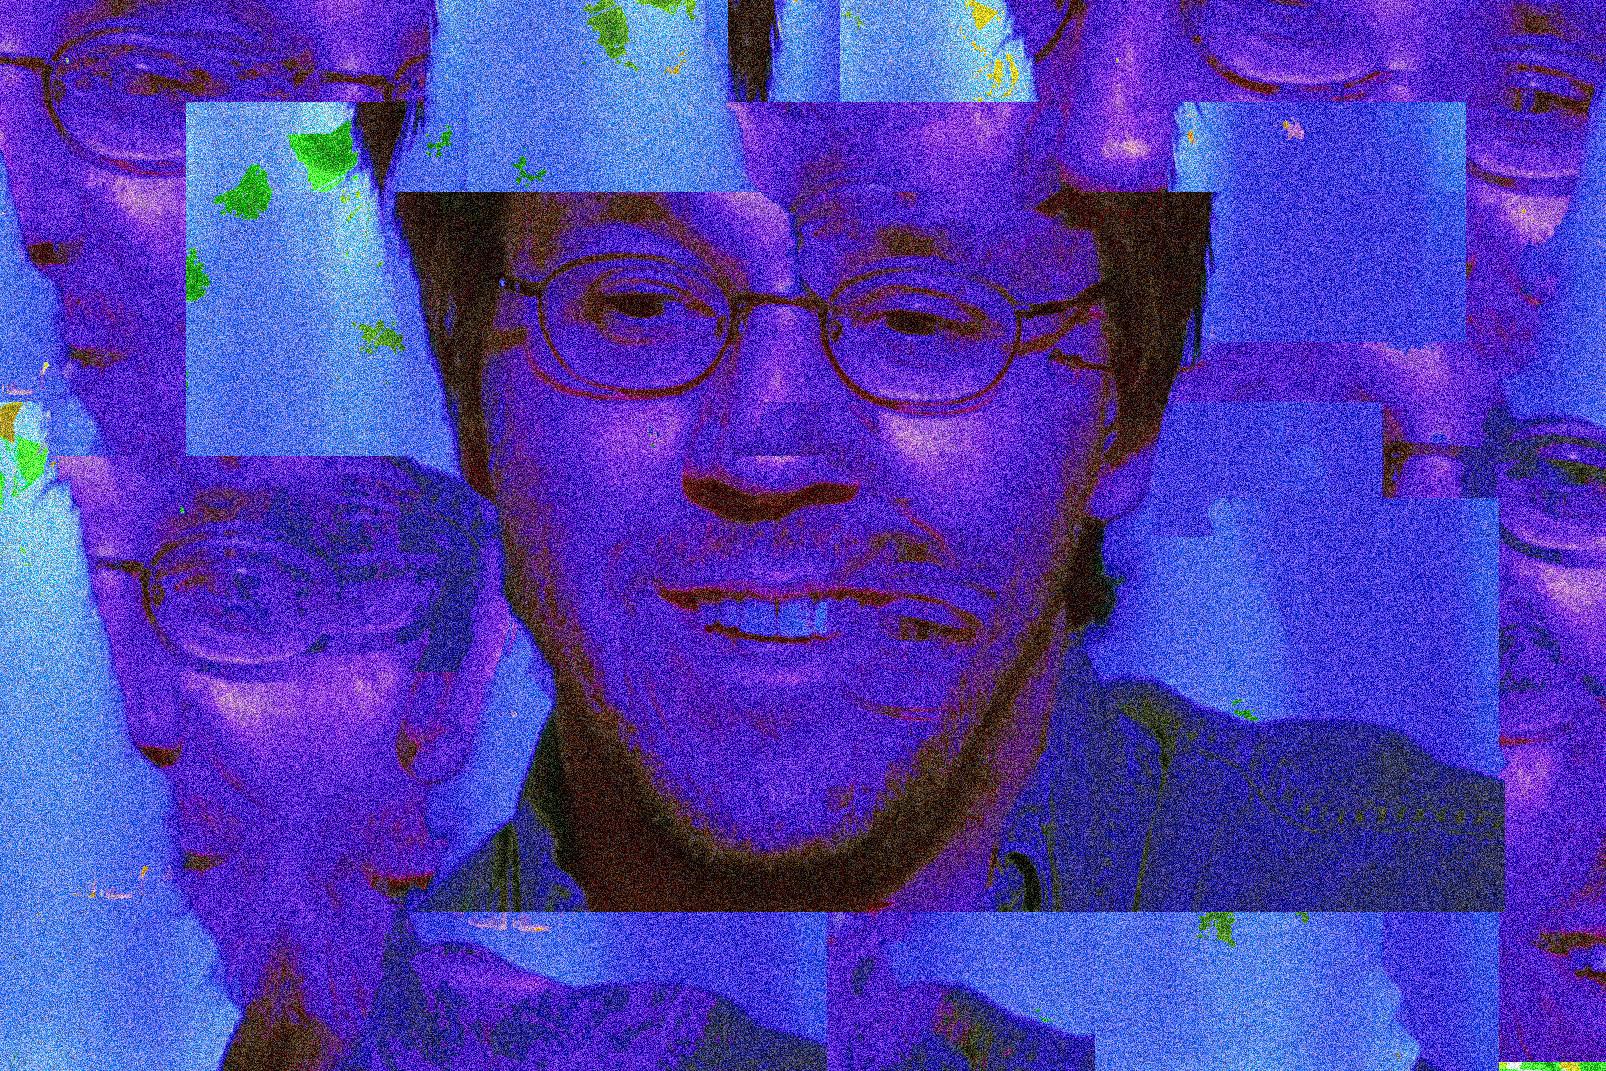 Descobrir o génio de David Foster Wallace sem ter de acabar um dos seus livros